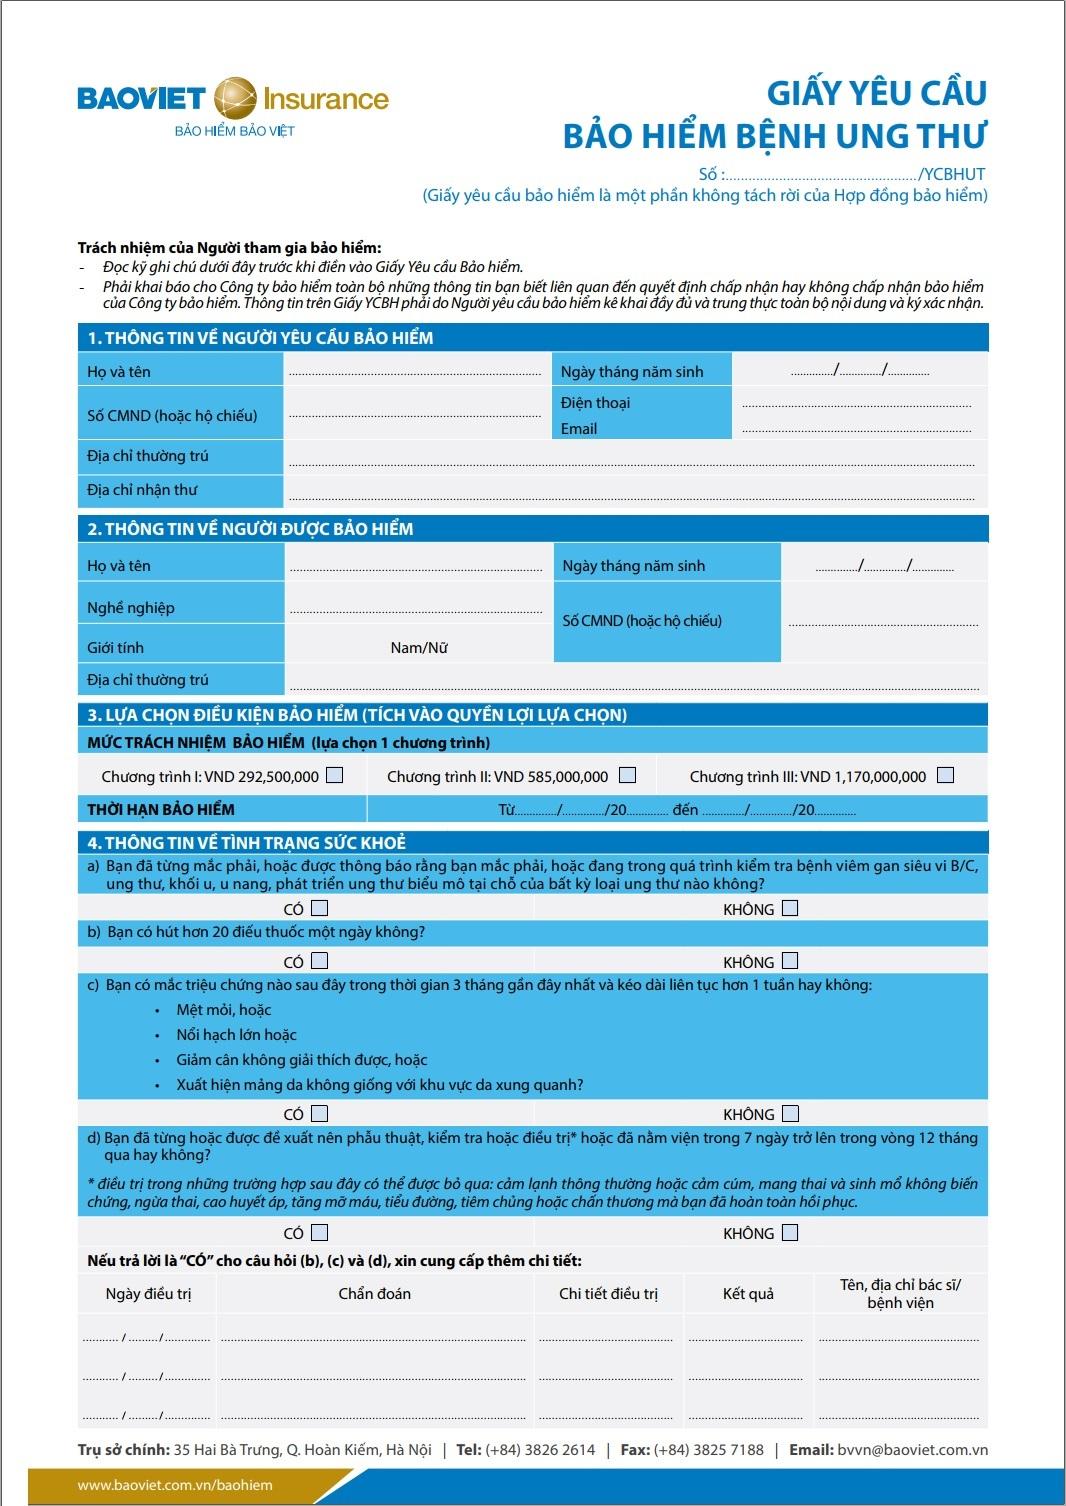 giấy yêu cầu bảo hiểm ung thư kcare